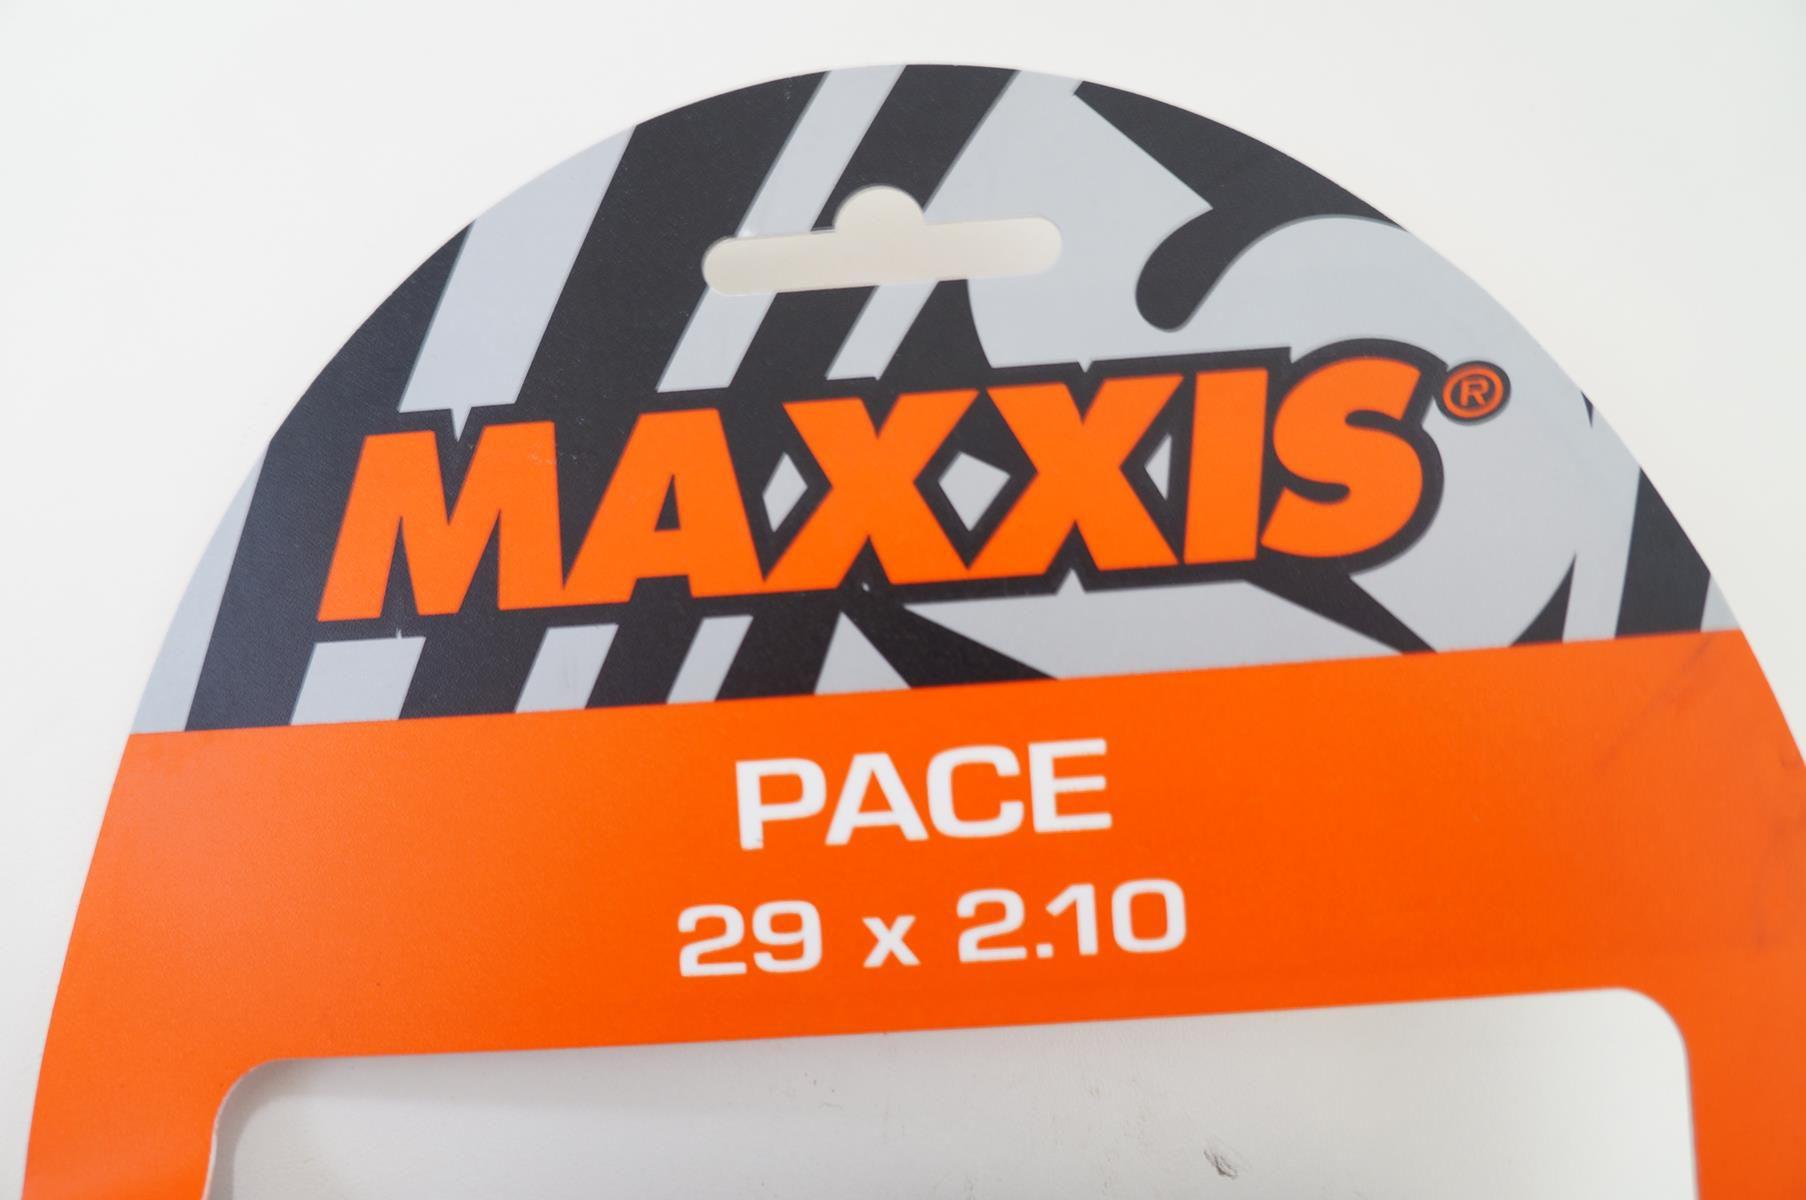 Pneu Para Bicicleta Mtb Maxxis Pace 29 2.10 Dobrável Em Kevlar Preto